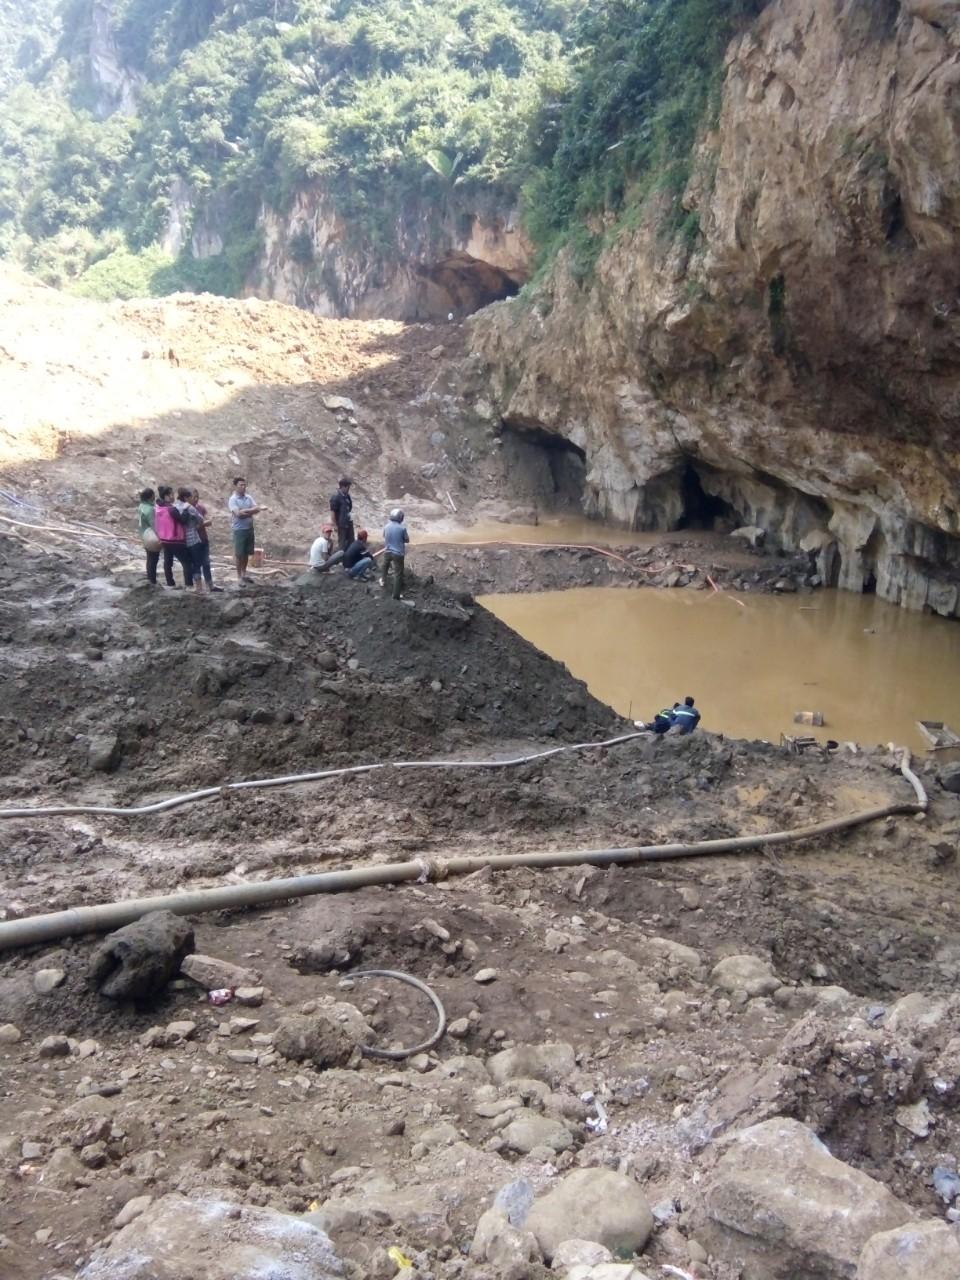 Hòa Bình: Sập lò khai thác vàng, bùn lẫn nước lấp kín khiến 2 người mắc kẹt - Ảnh 1